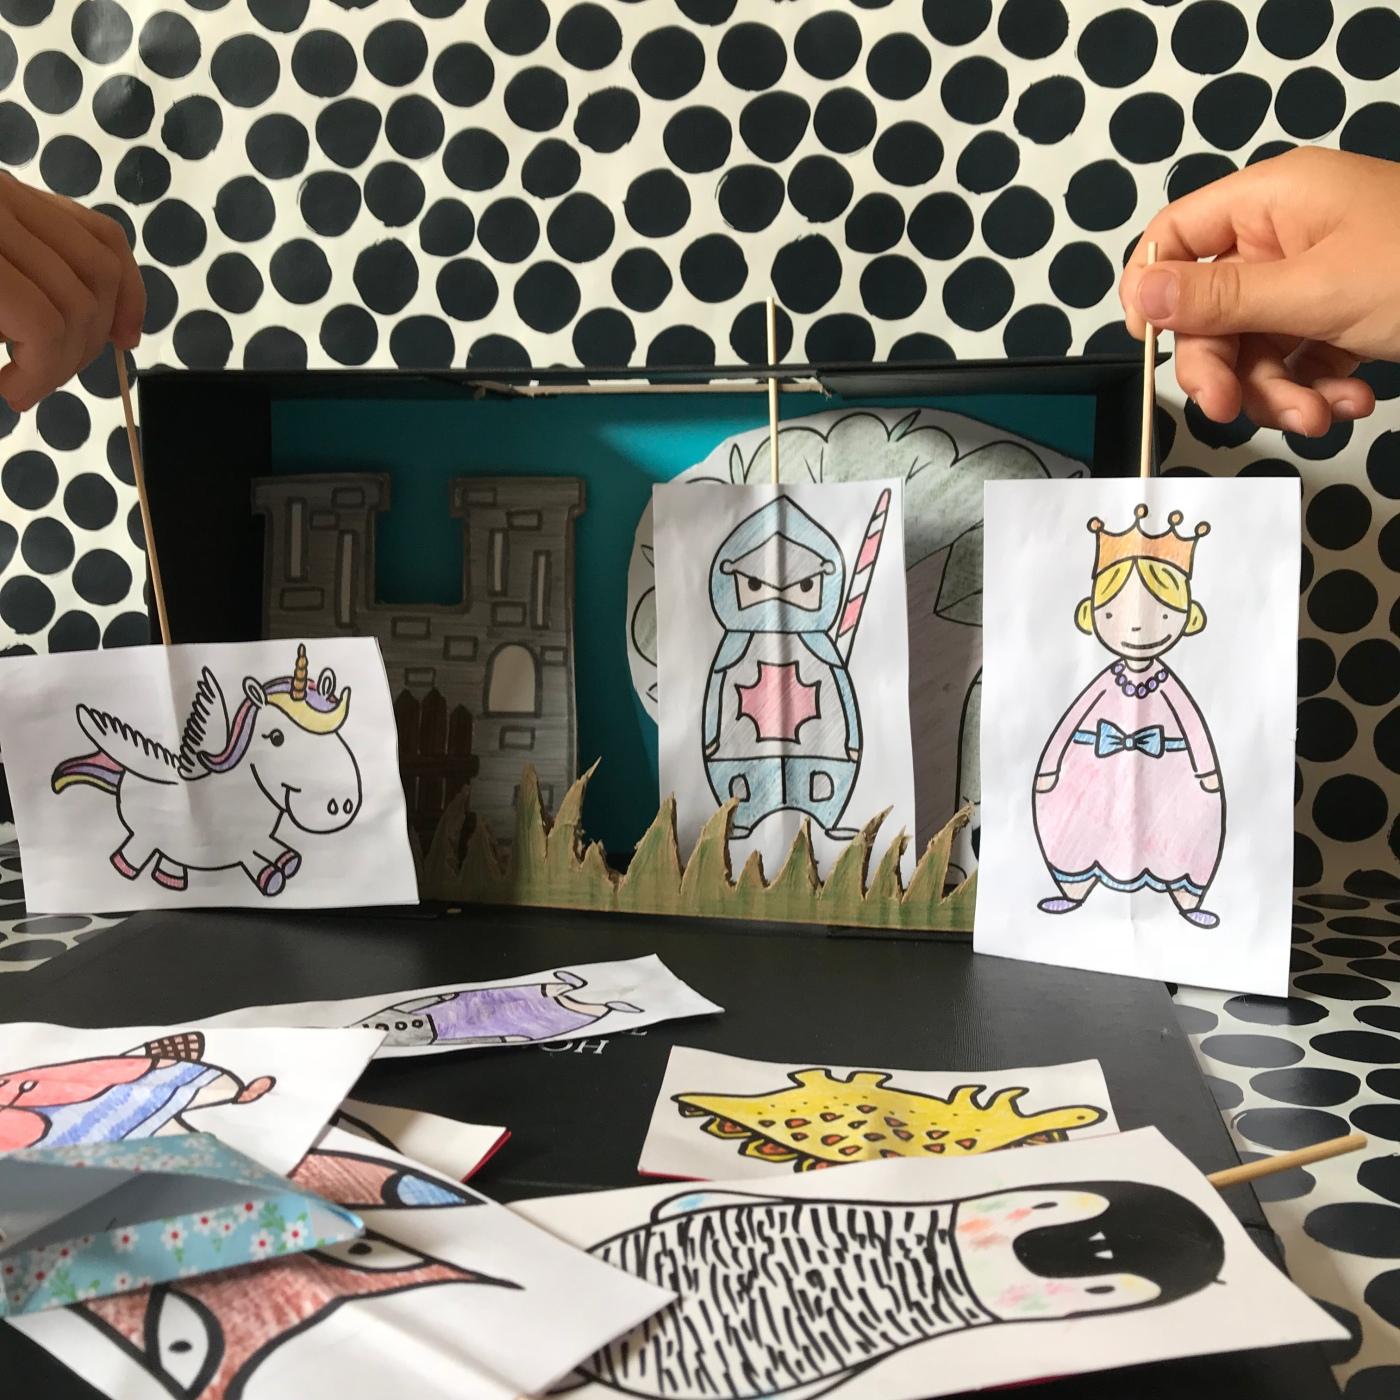 Petit théâtre d'été simplissime DIY bricolage enfants craft recyclage jeu fait maison imagination créativité Image à la une